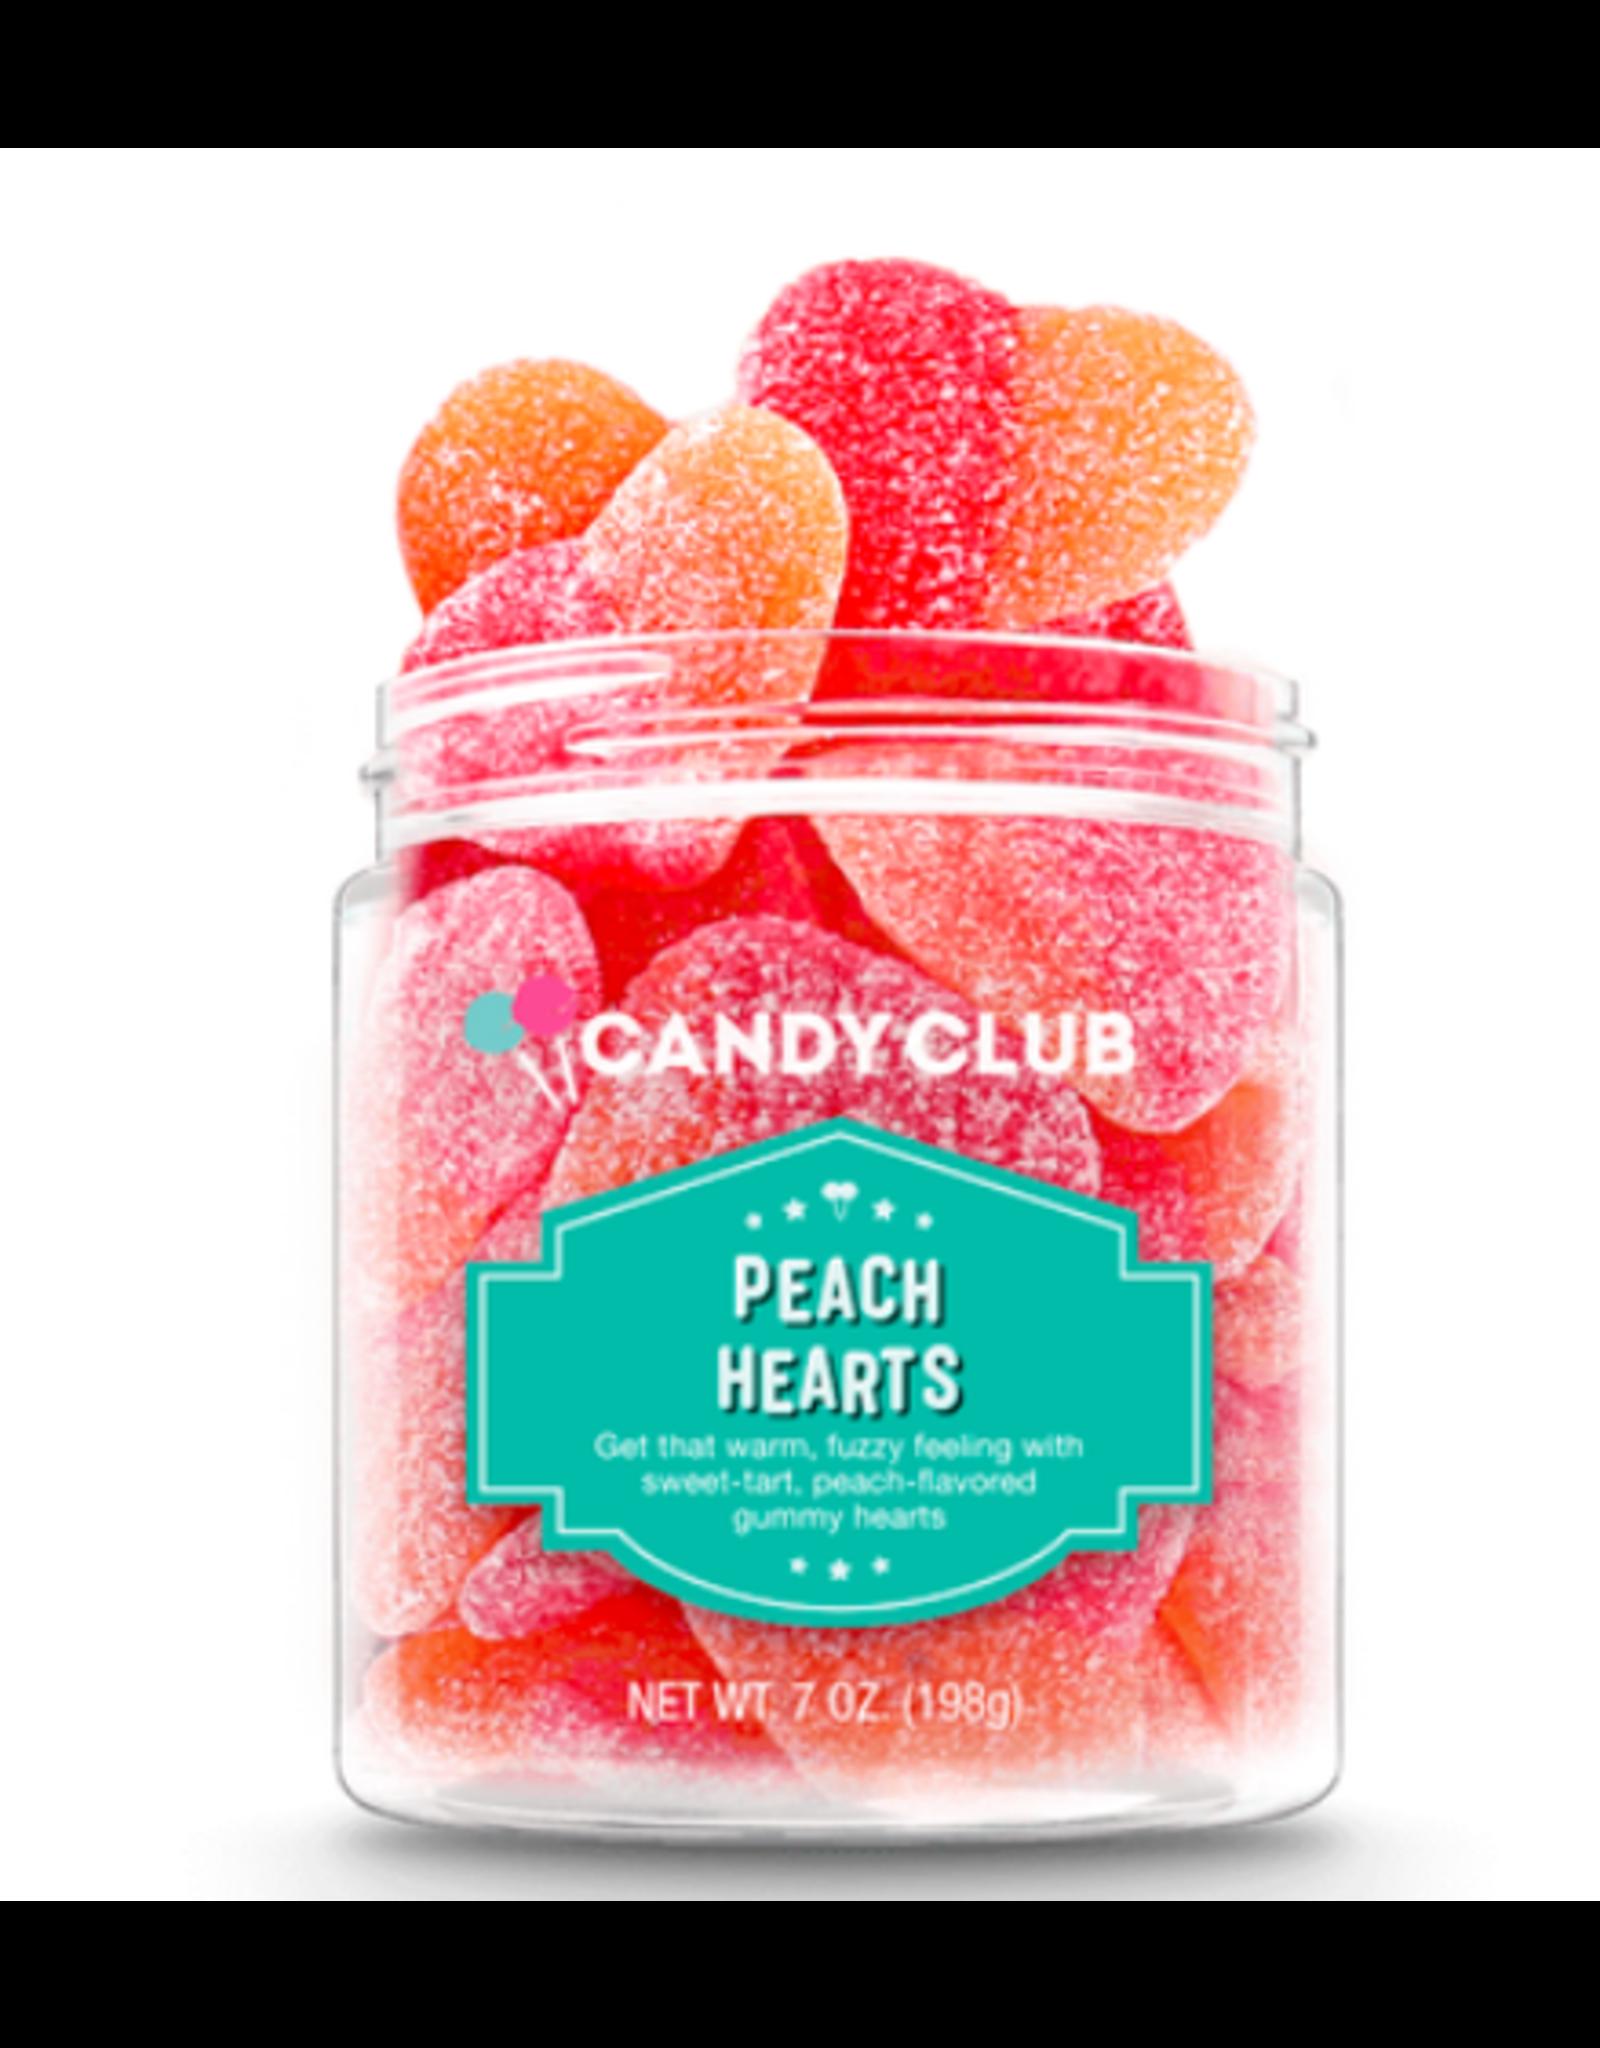 Candy Club Peach Hearts Candy Jar